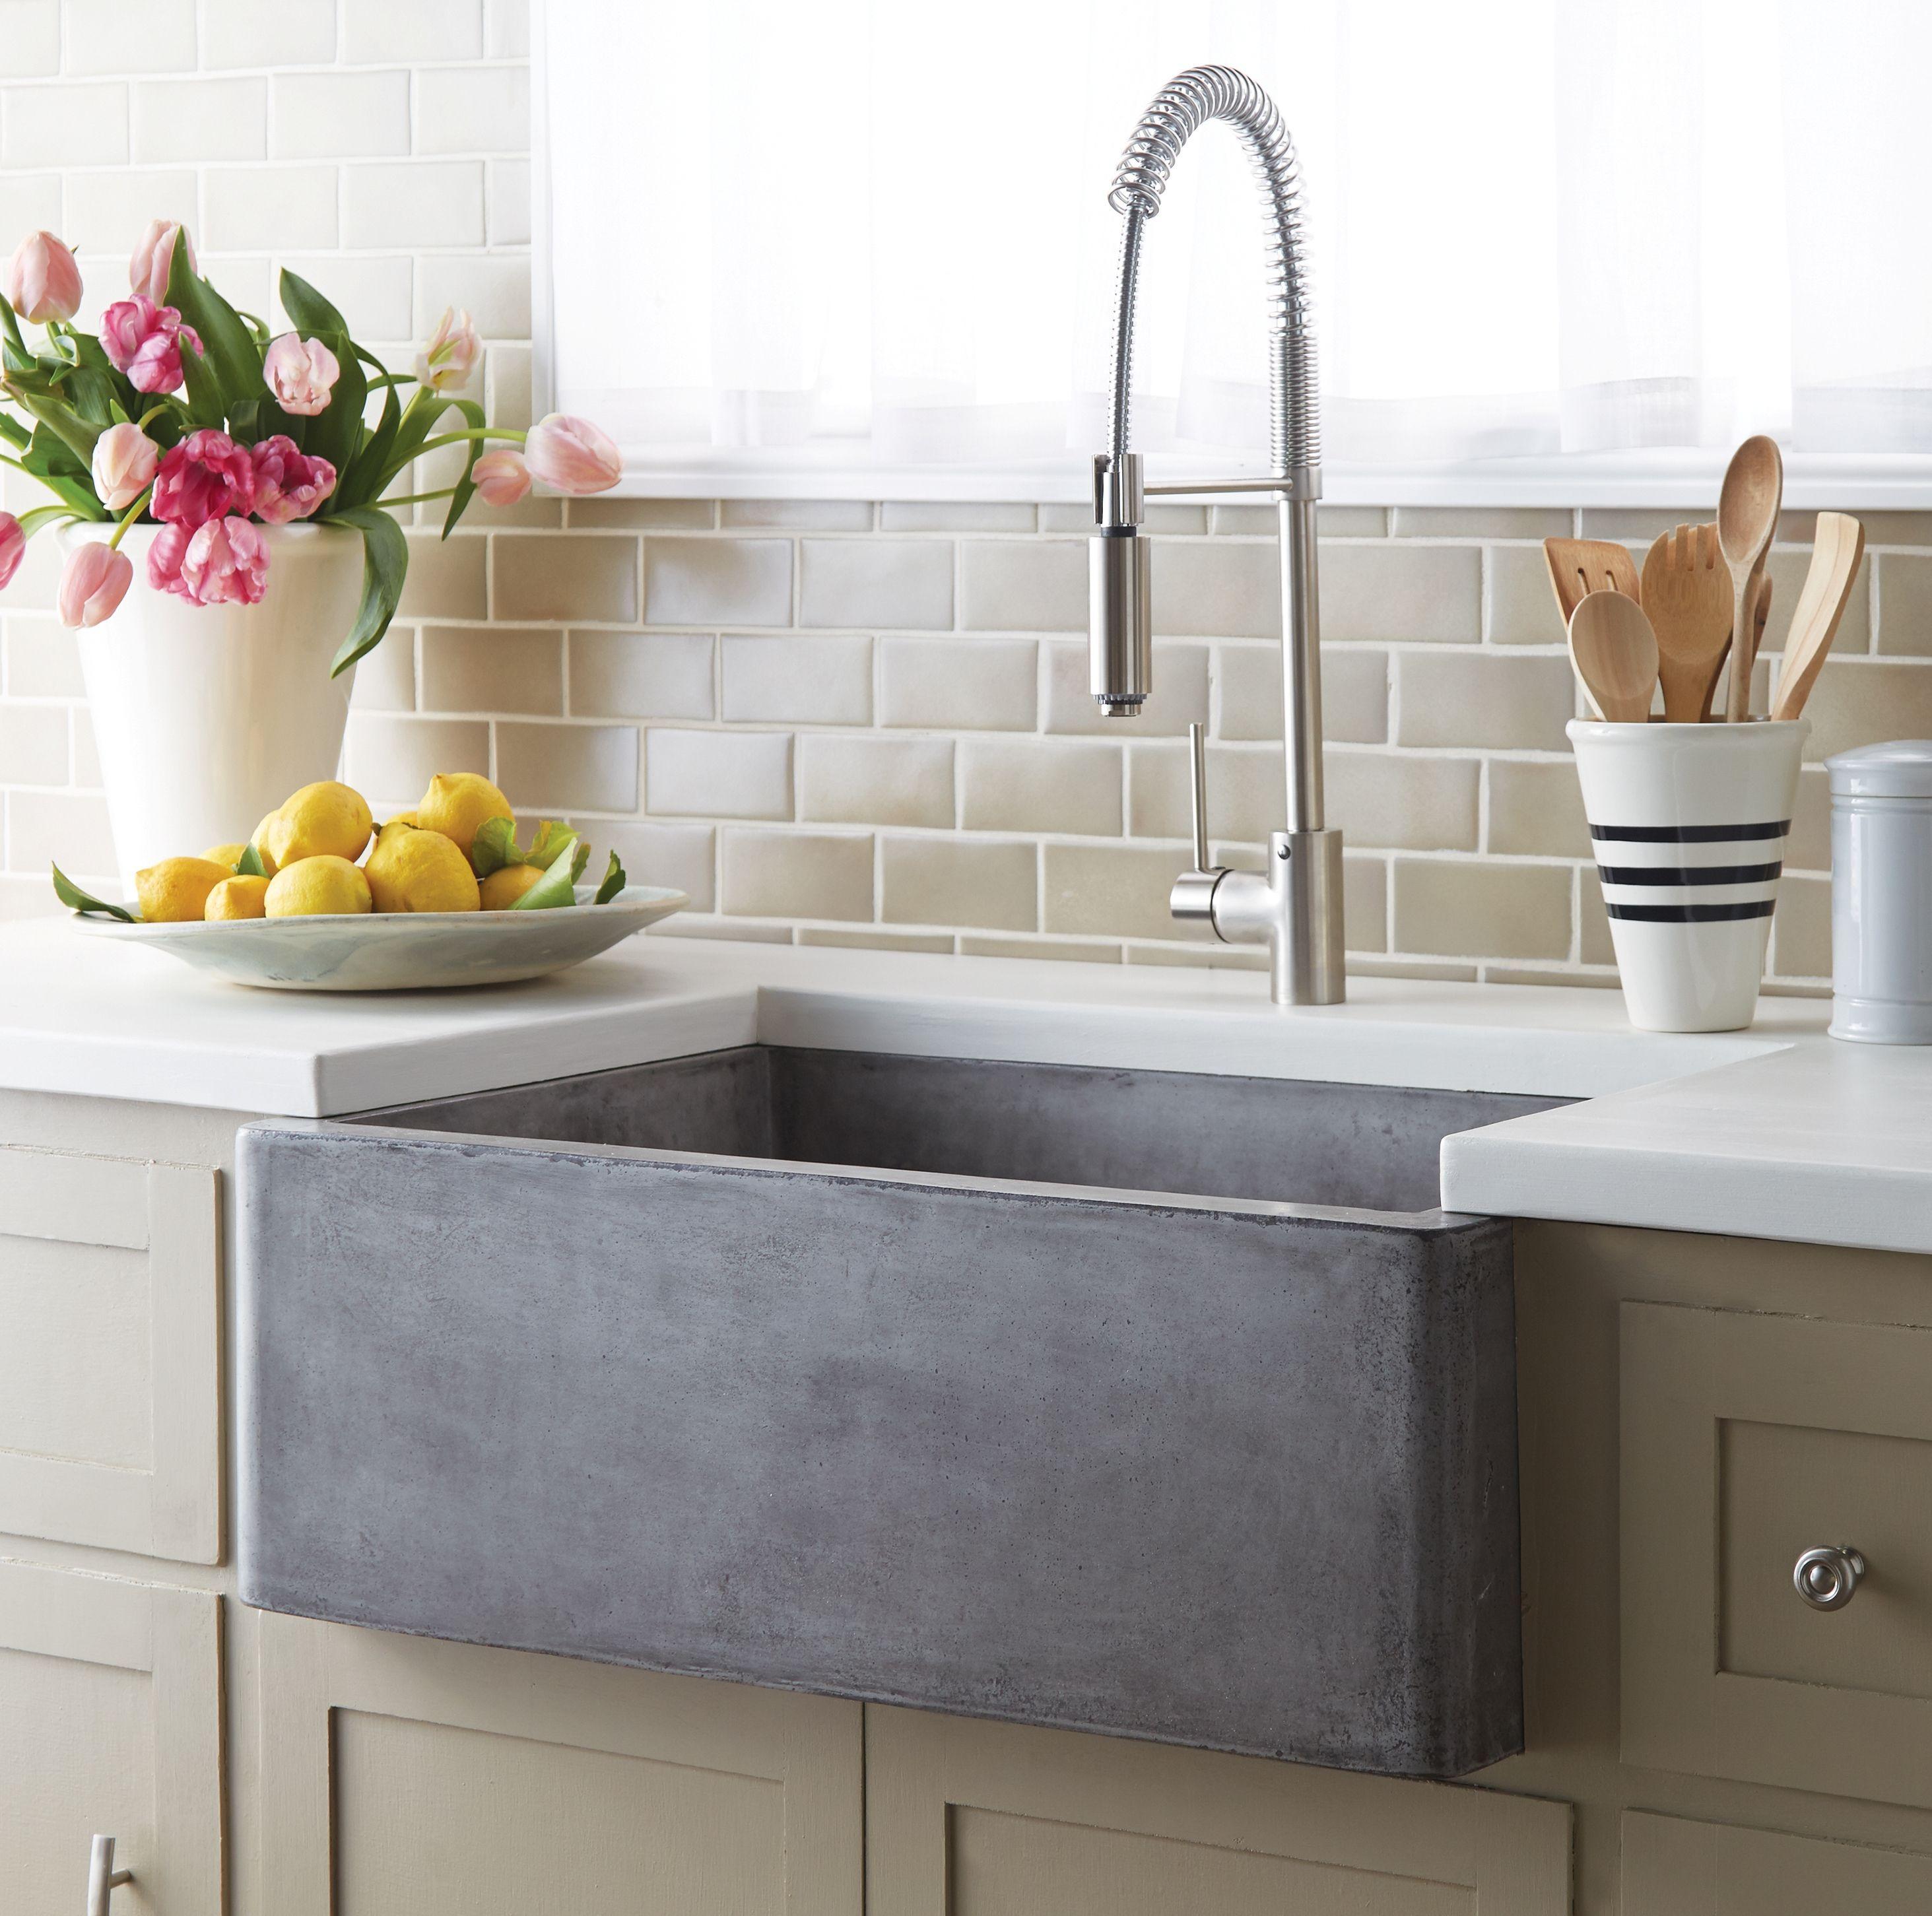 Groß Weiße Küchenschranktüren Bilder - Ideen Für Die Küche ...